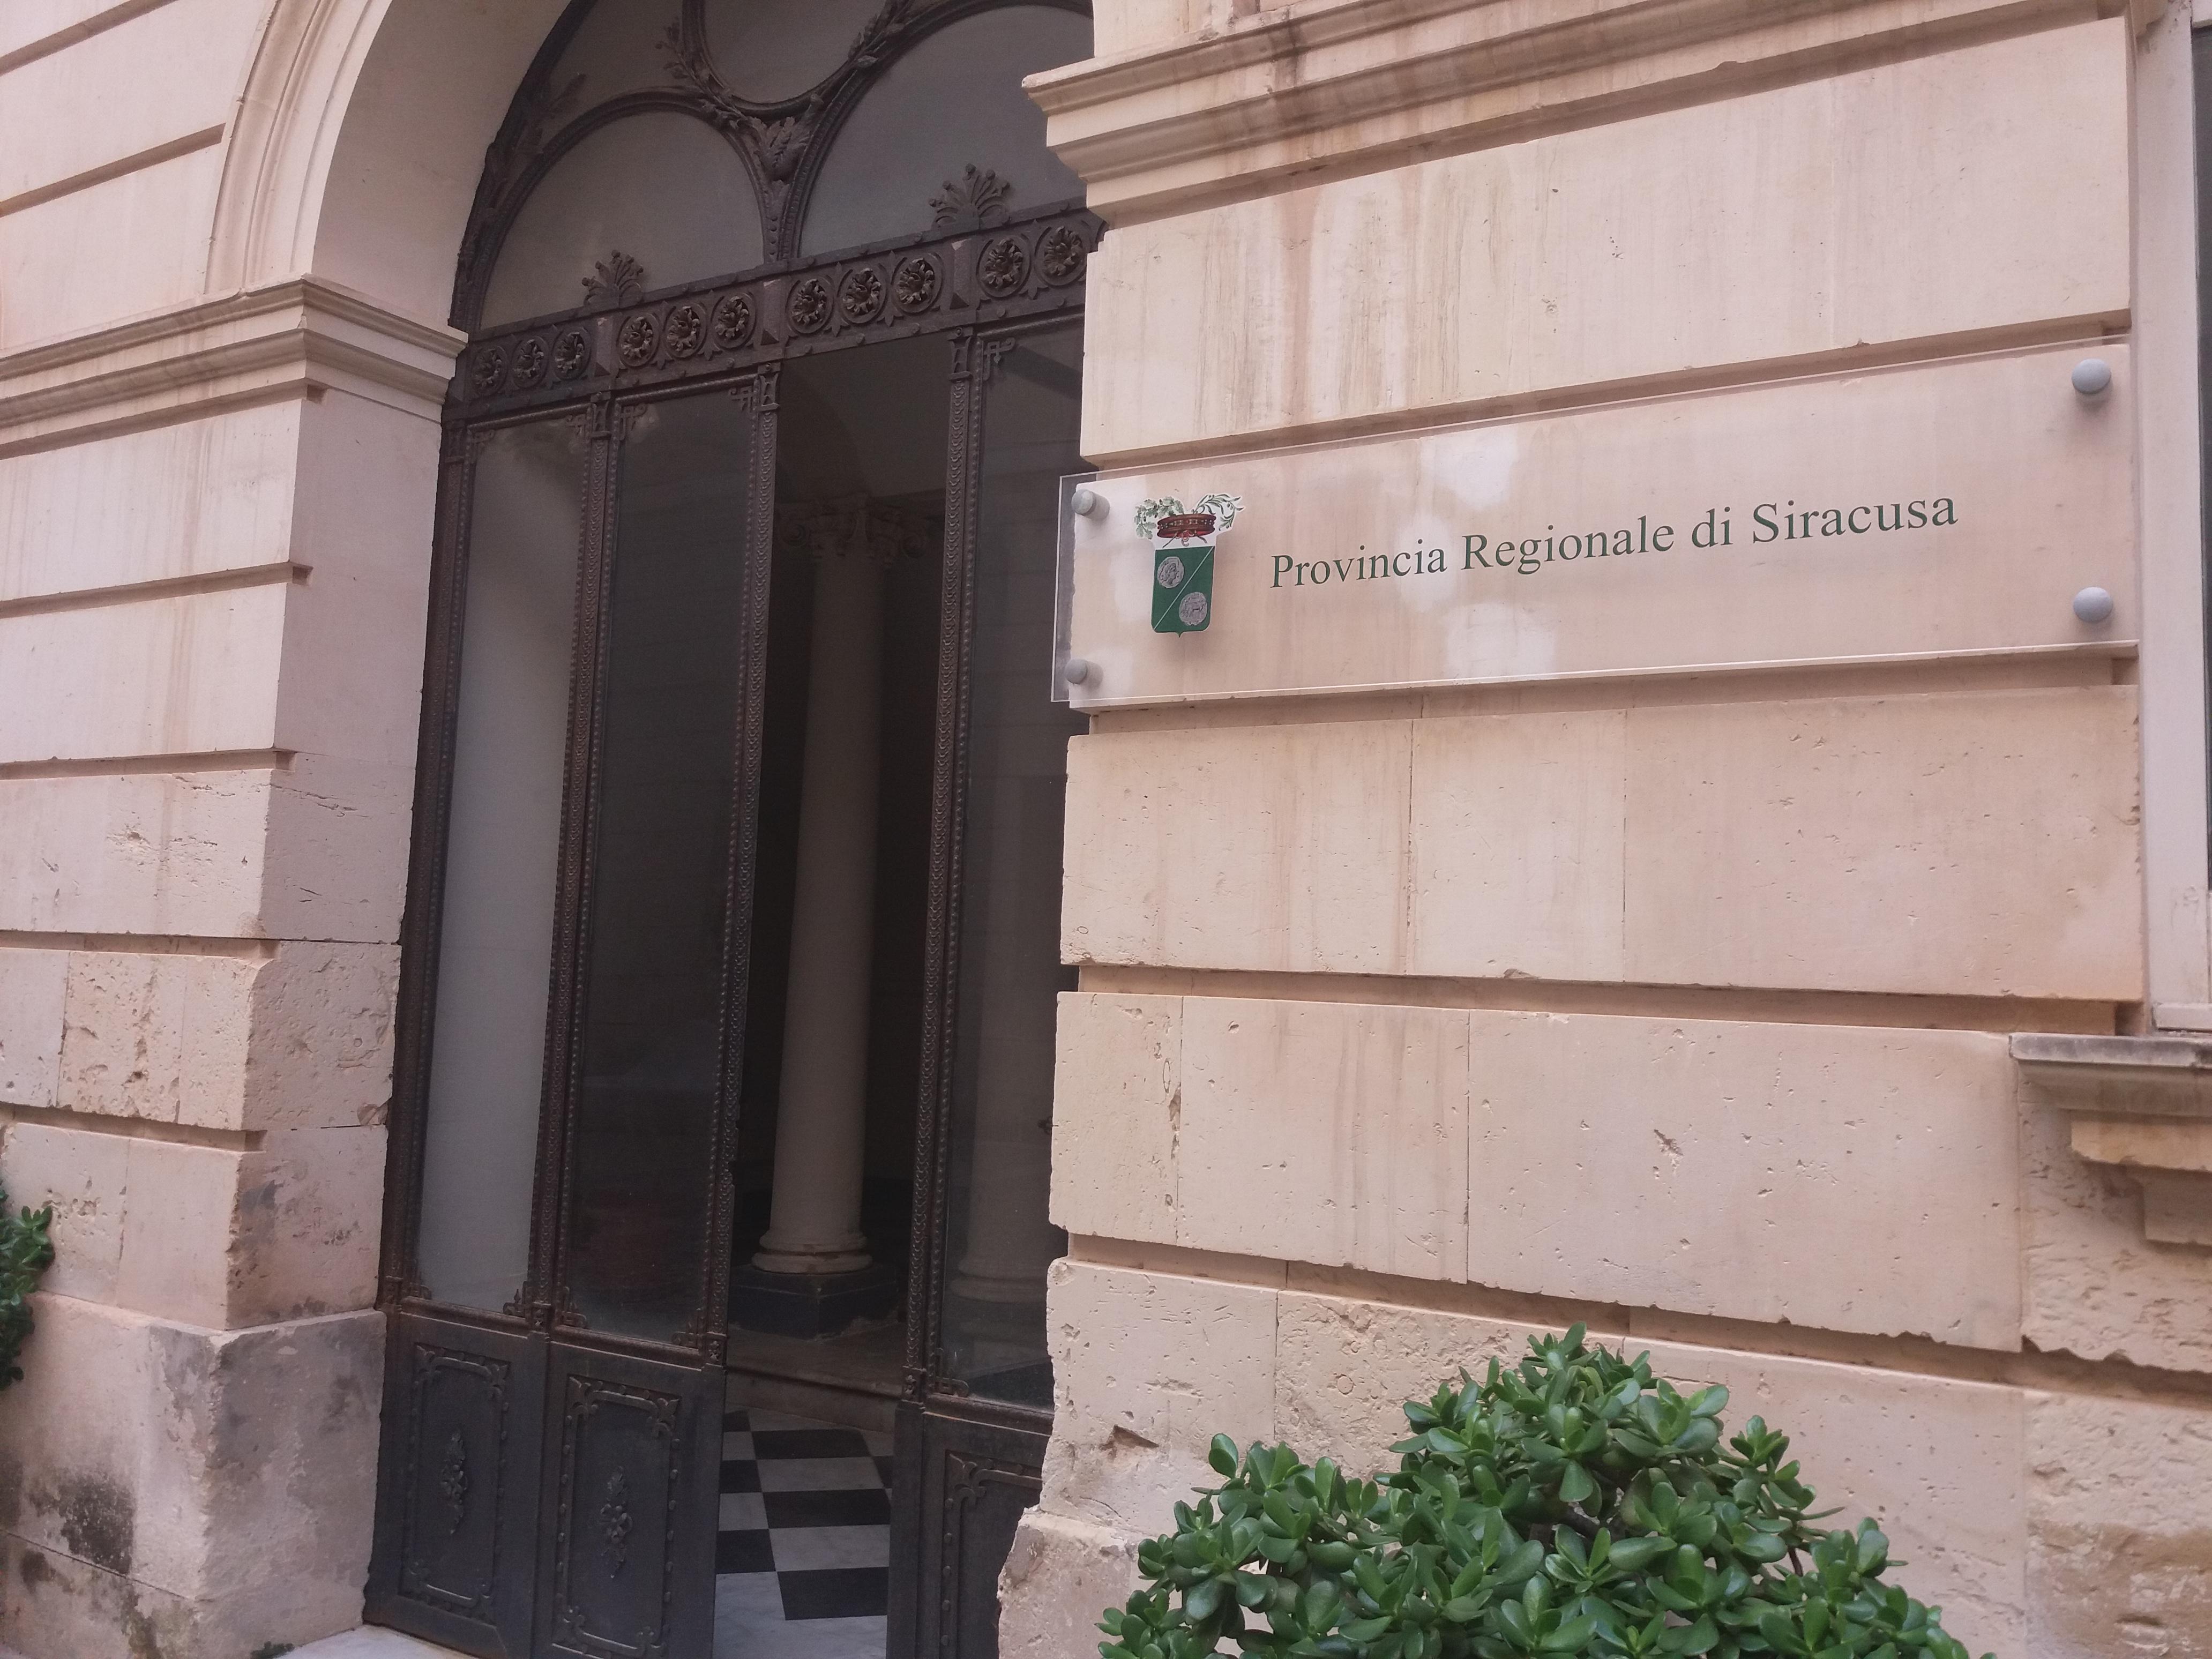 COMITATO SCUOLE SICURE SOLIDALE COI DIPENDENTI DEL LIBERO CONSORZIO DI SIRACUSA